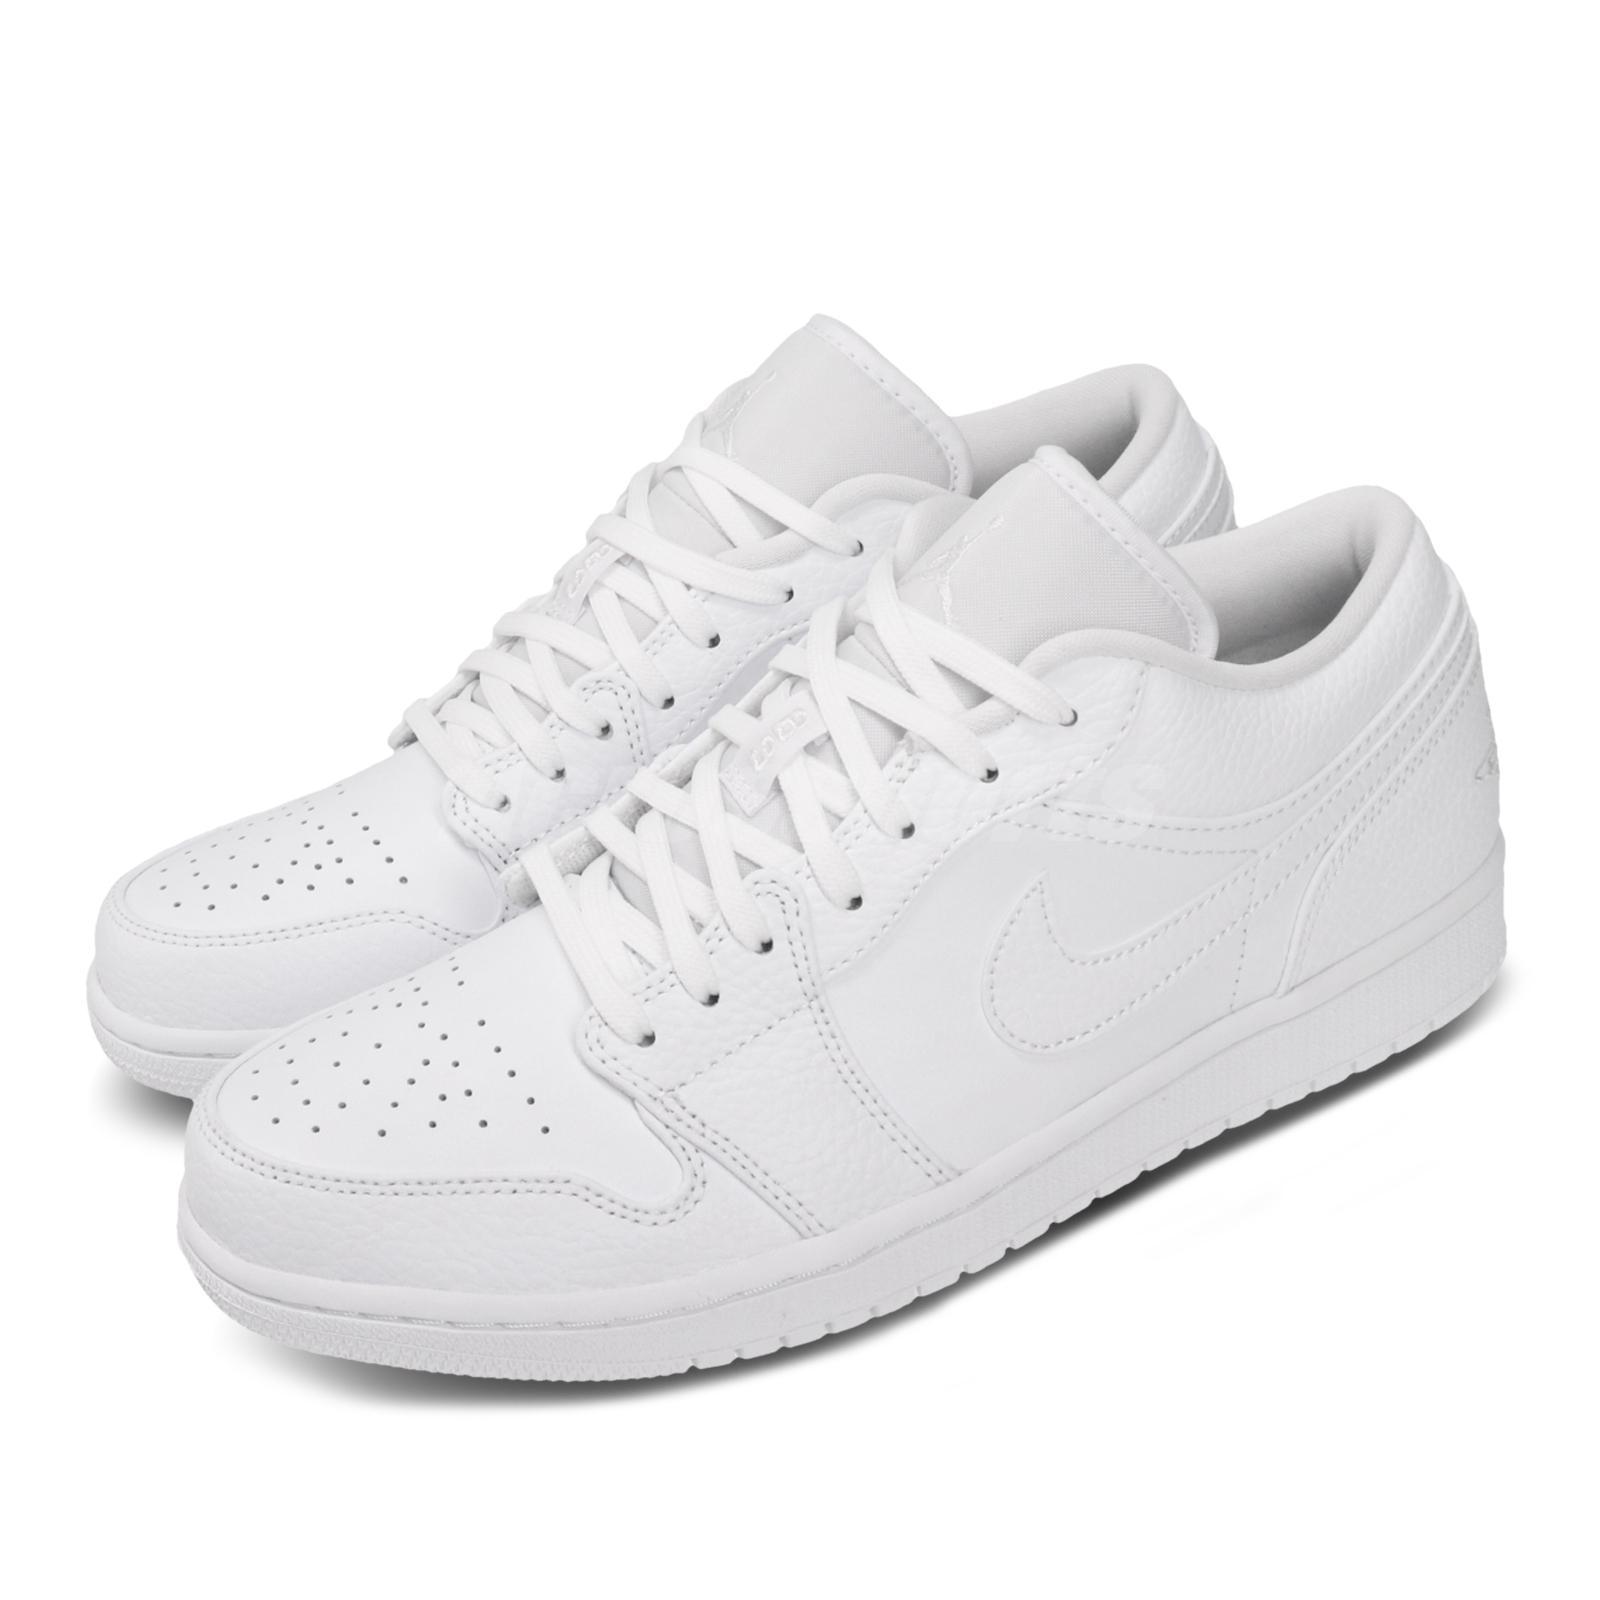 Nike Air Jordan 1 Low I AJ1 Triple